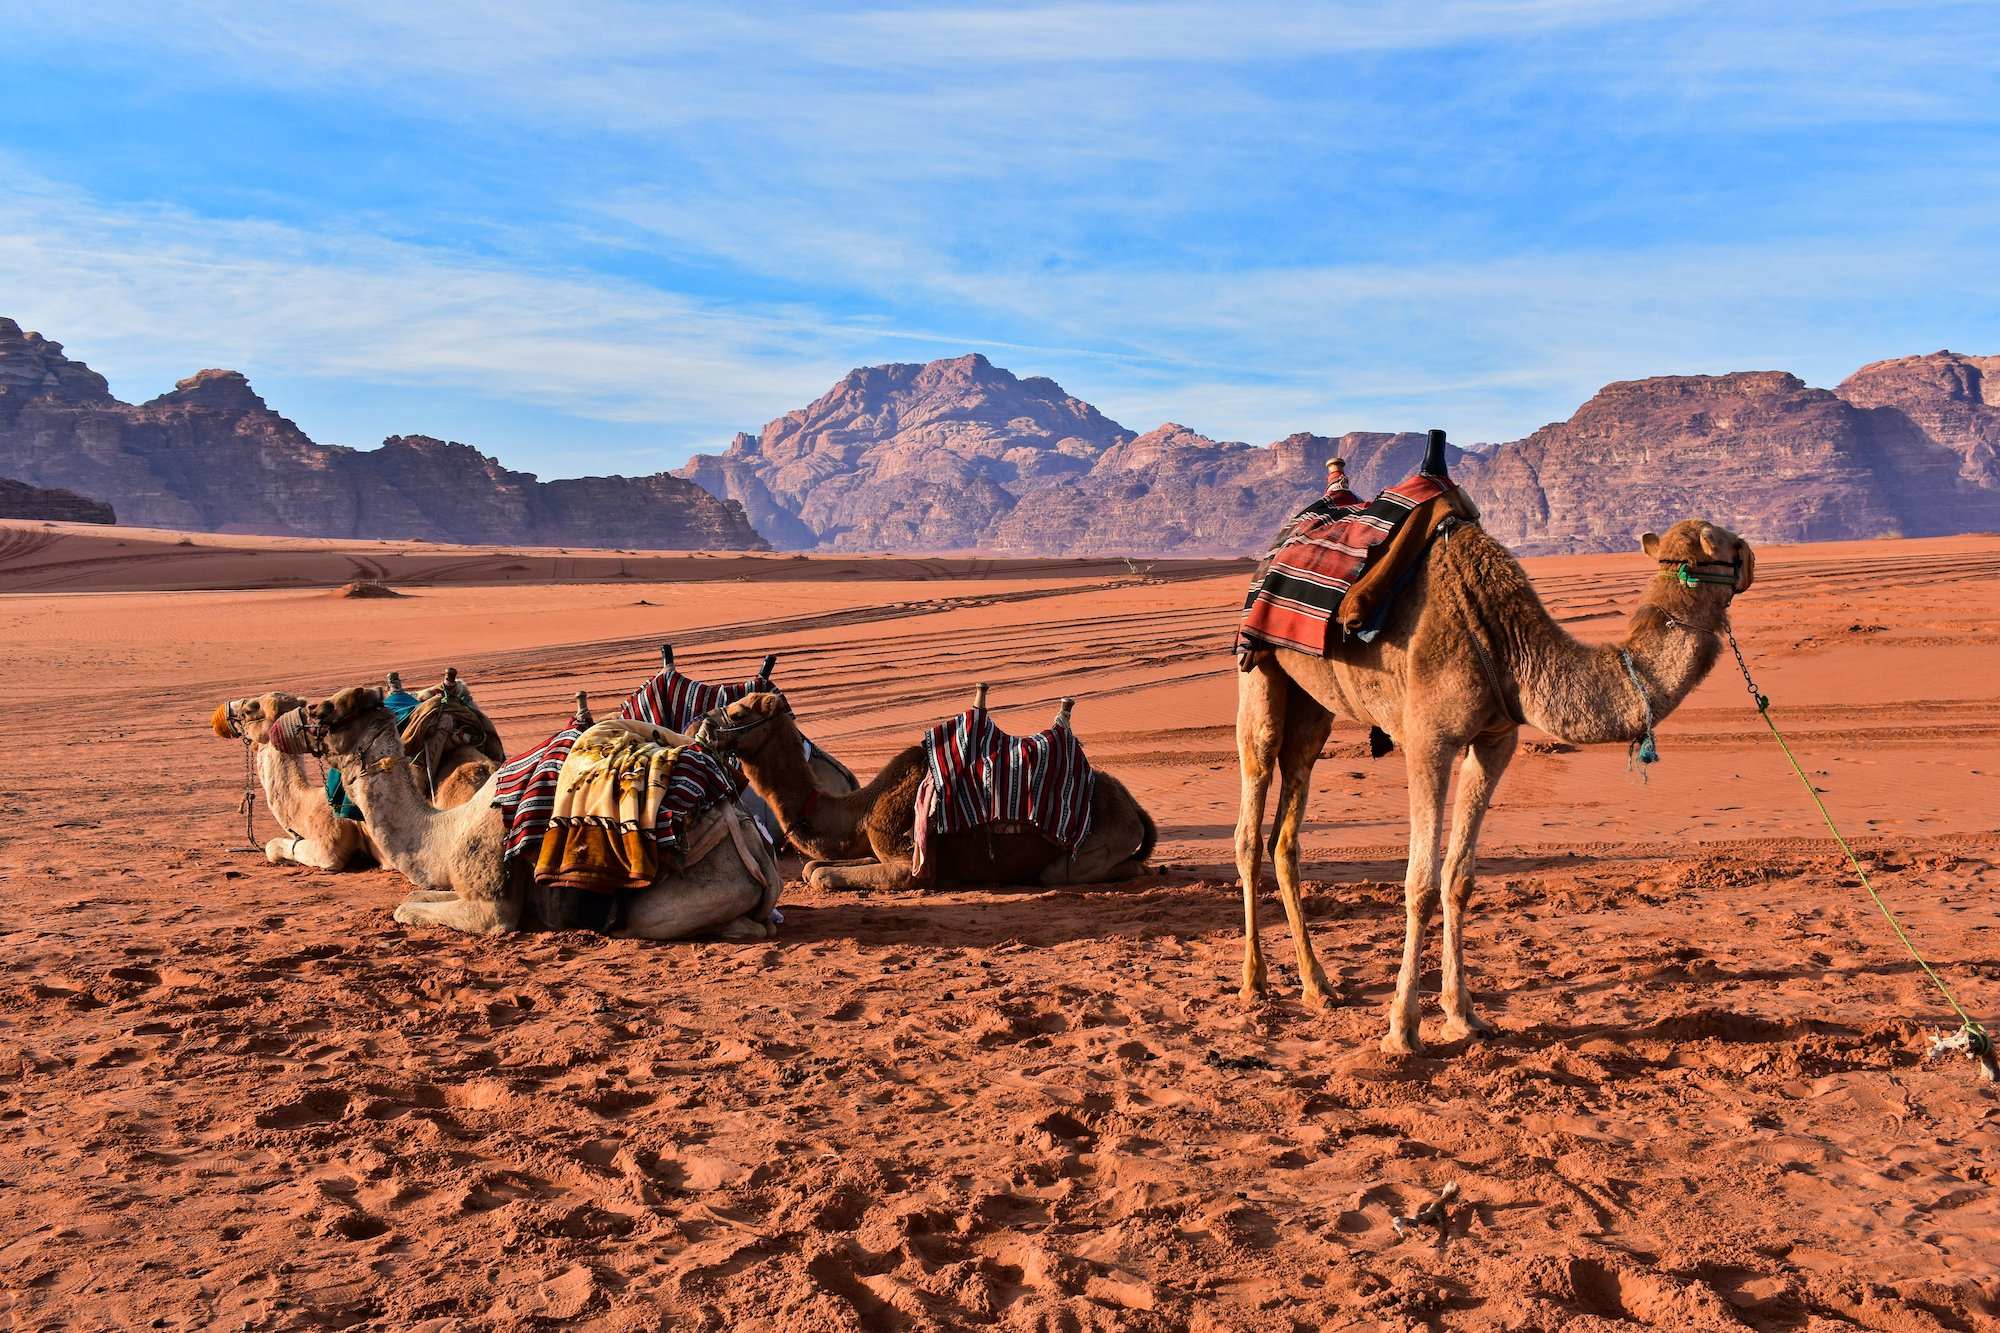 Wadi Rum Bedouin Desert Immersive Food & Cultural Experience